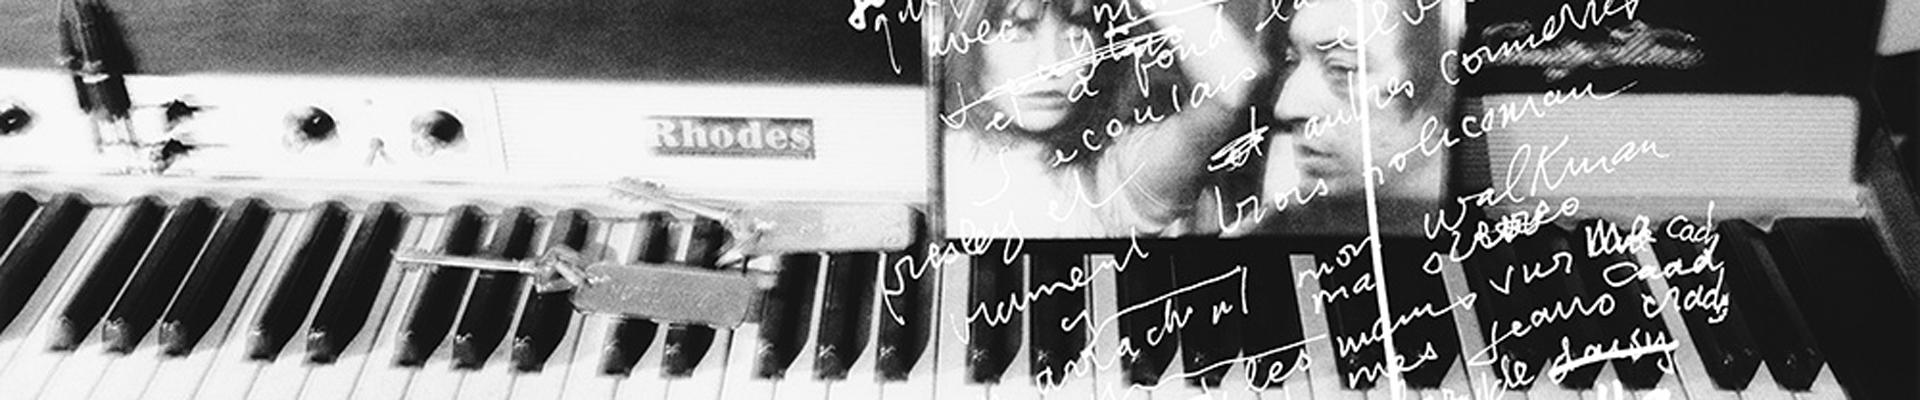 Header_Gainsbourg_6